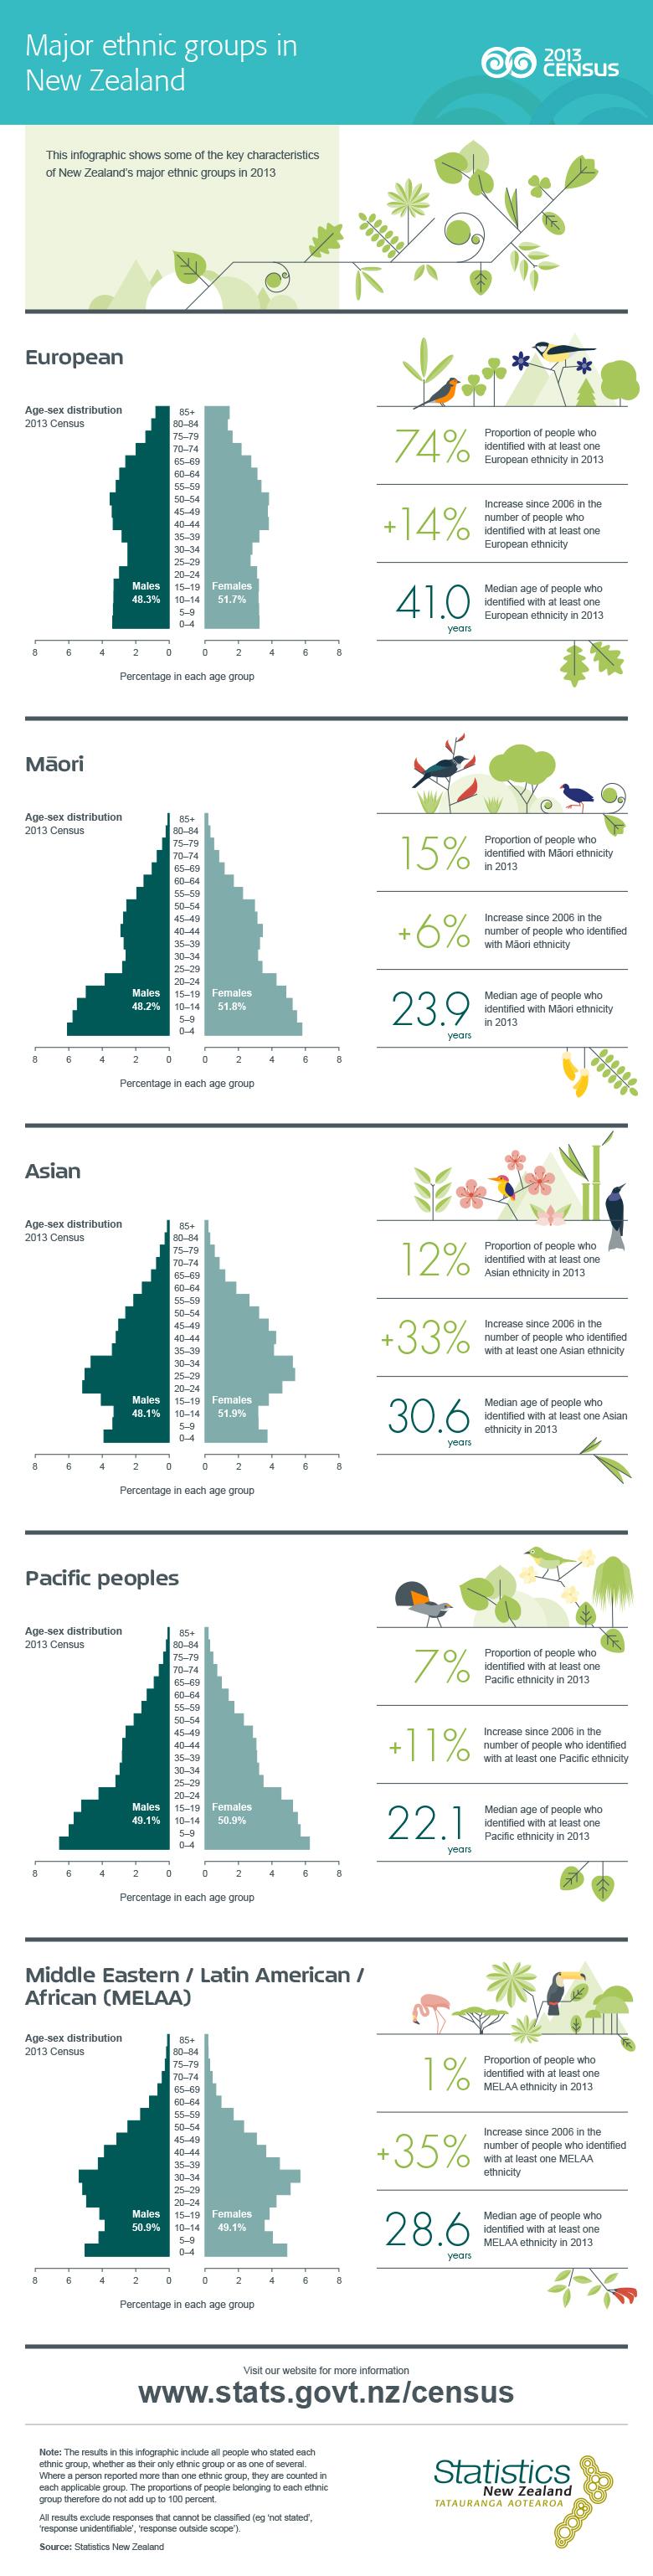 2013_NZ_census_major_ethnic_groups_in_New_Zealand.jpg